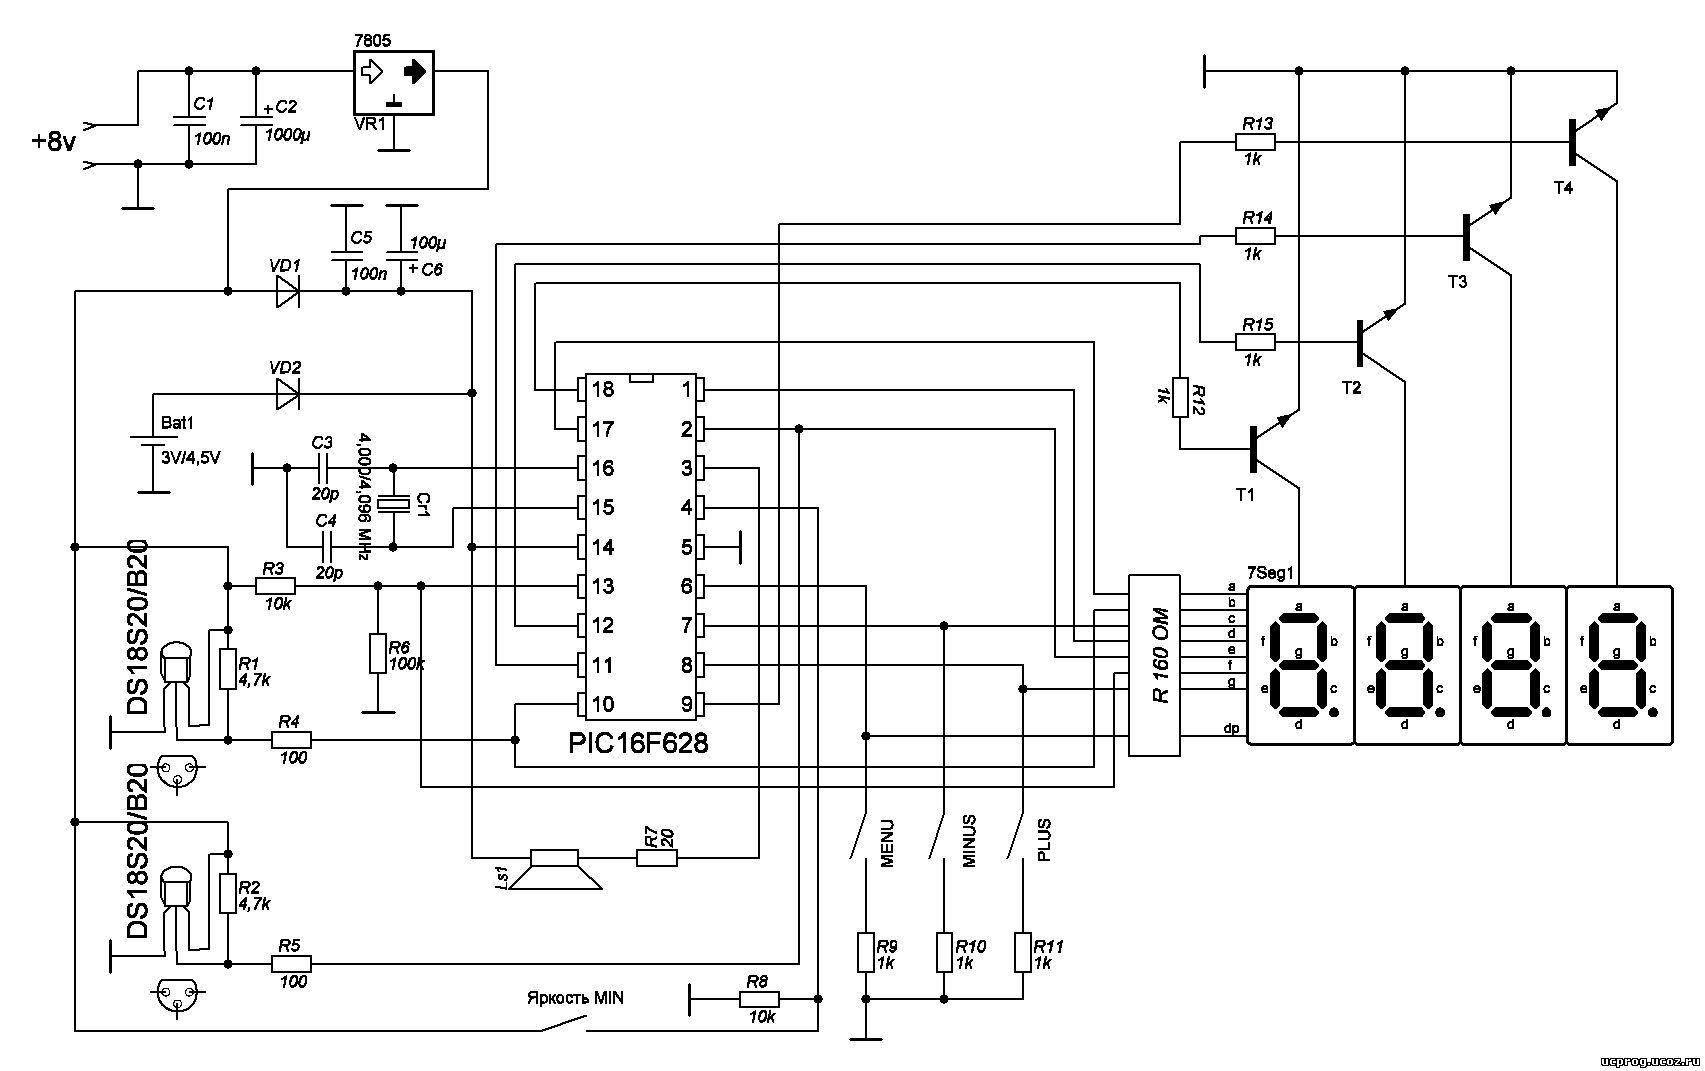 Для вывода на индикатор максимальной и минимальной измеренных температур нужна кнопка sb1.